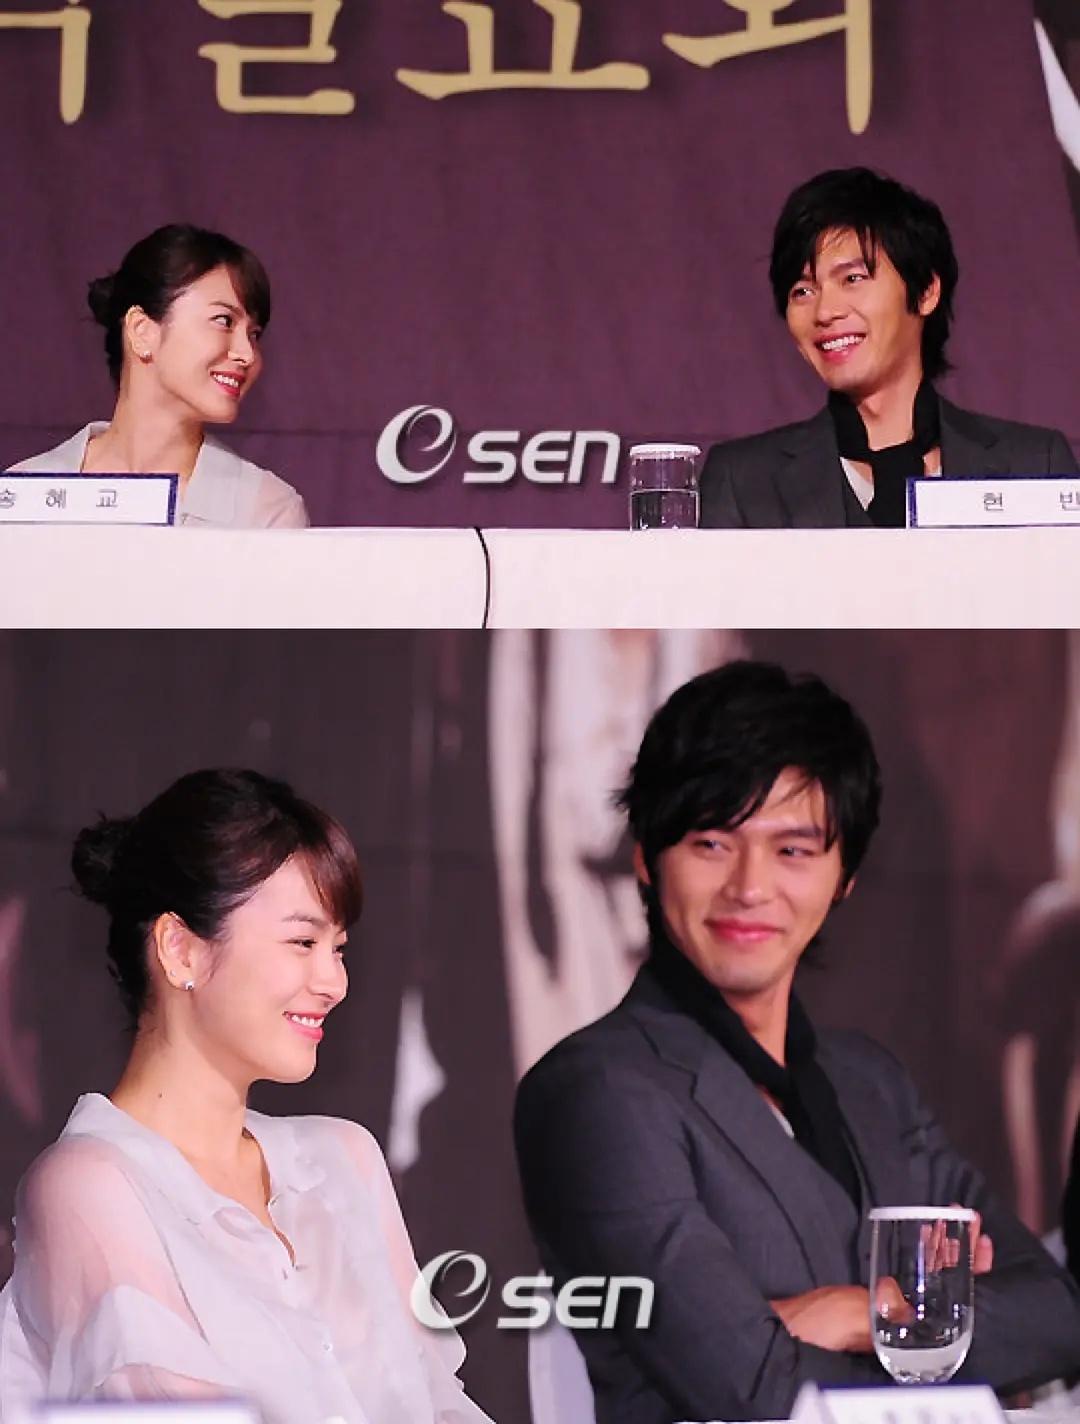 Cách Hyun Bin nhìn Song Hye Kyo cũng khiến nhiều người tò mò về tình cảm thực anh dành cho người con gái ấy.